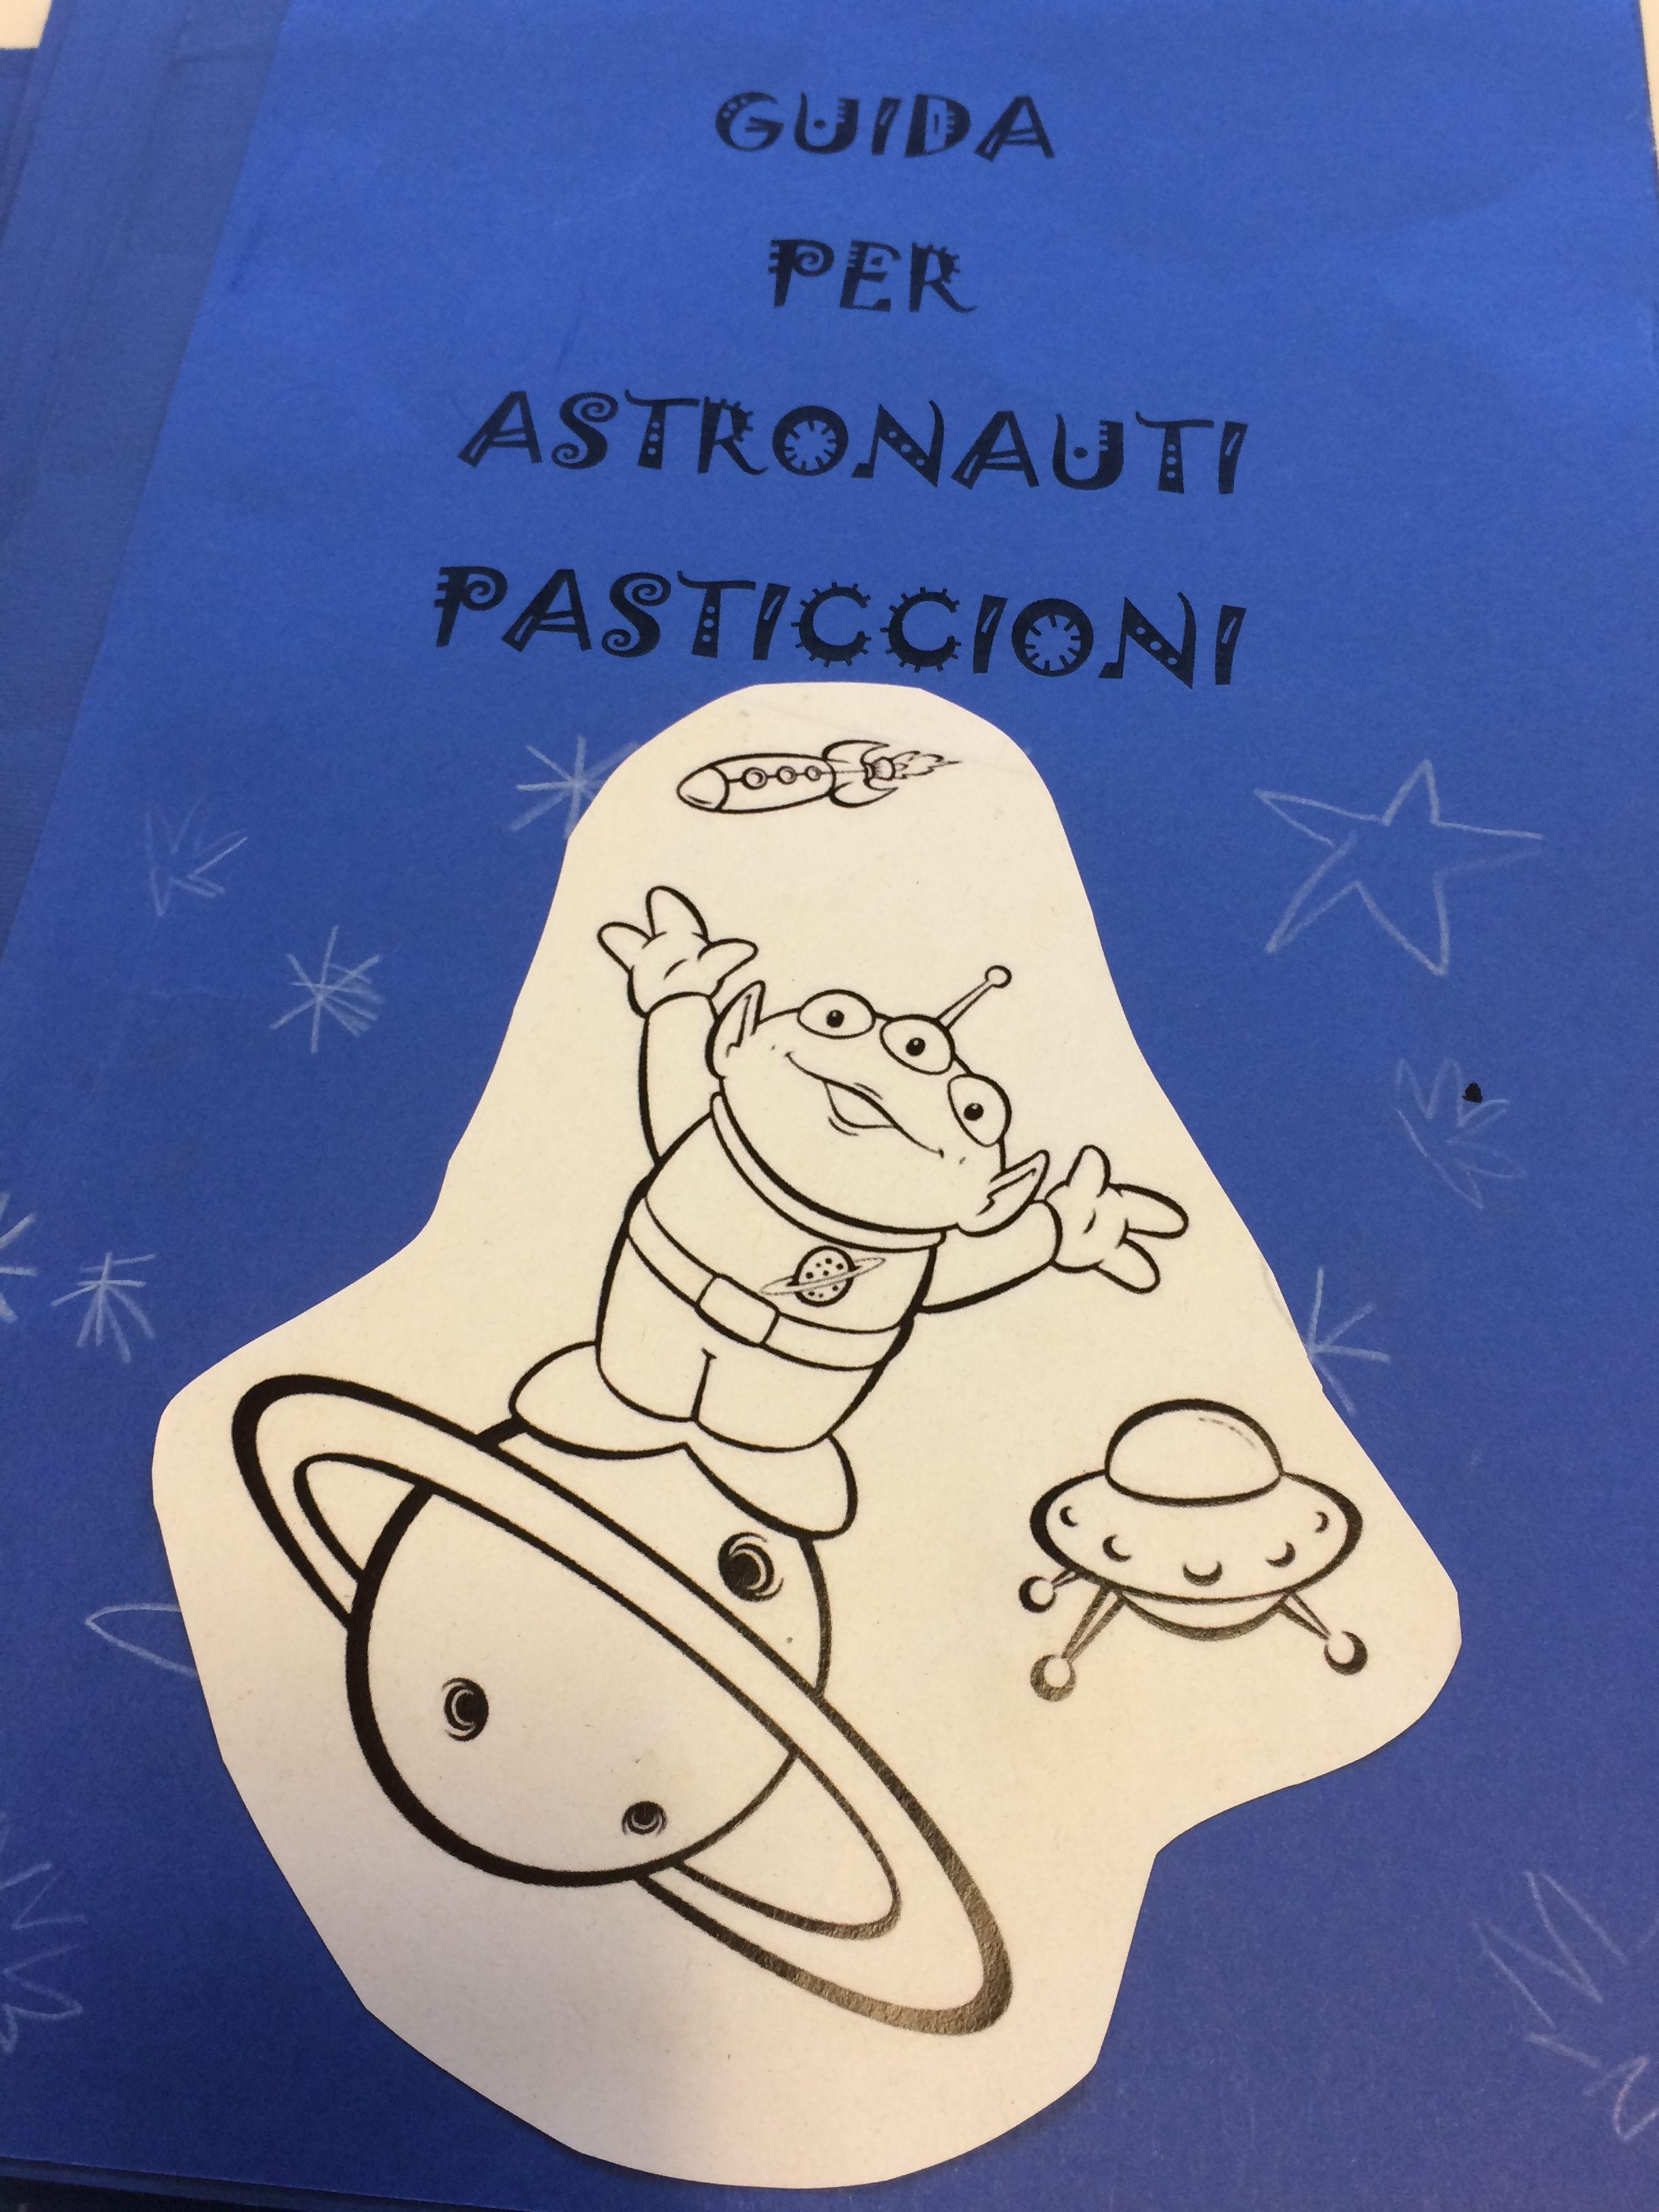 Guida per Astronauti Pasticcioni